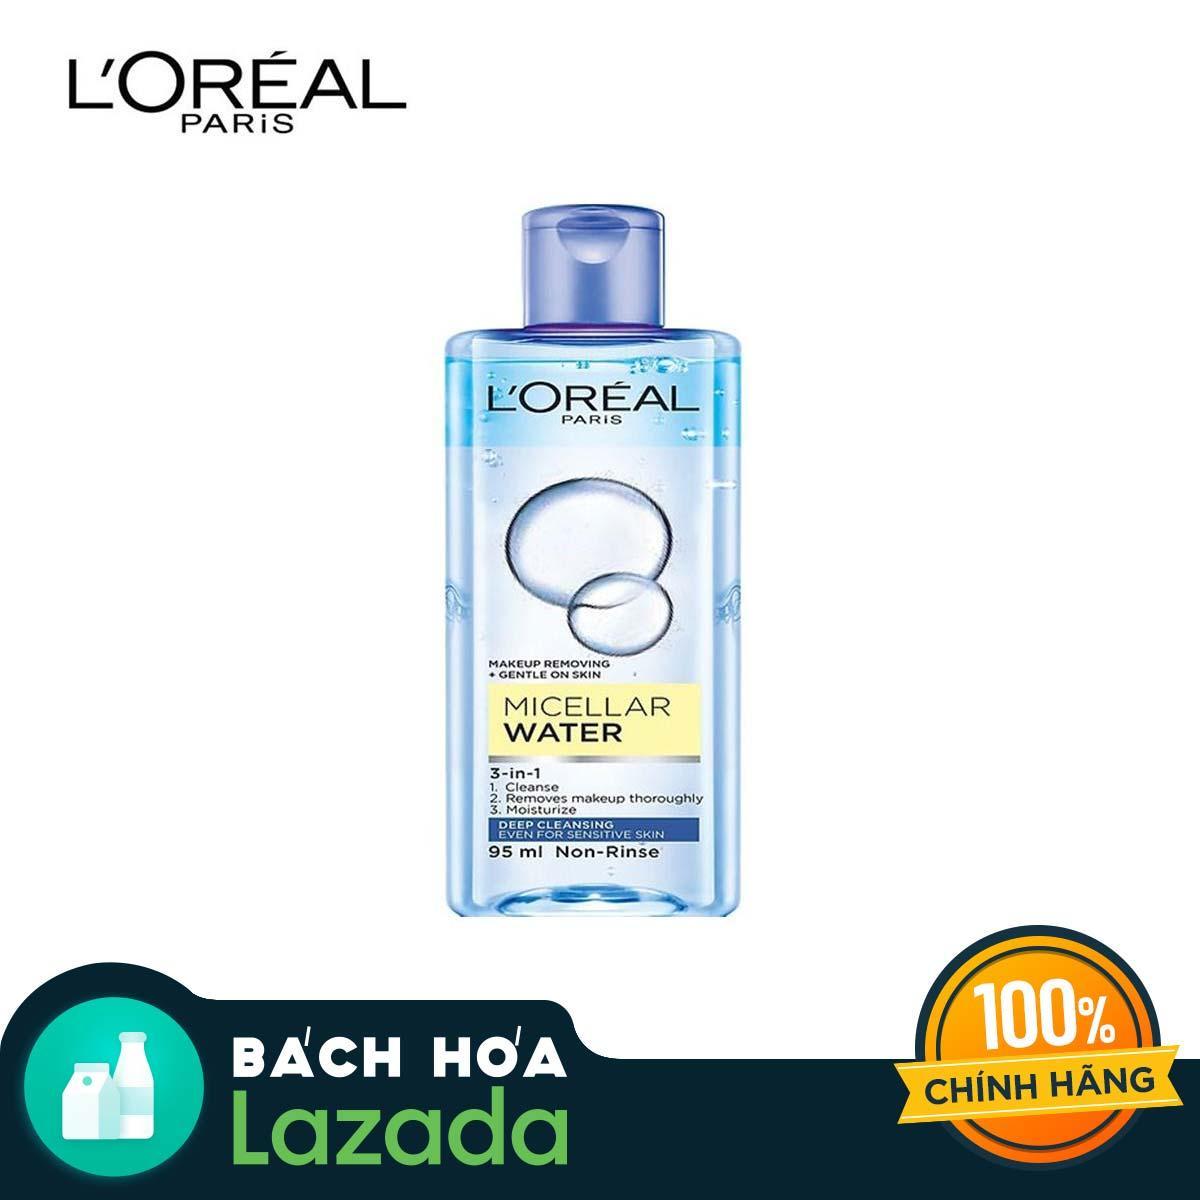 Nước Tẩy Trang LOreal Paris 3-in-1 Micellar Water (95ml) - Phù hợp với mọi loại da